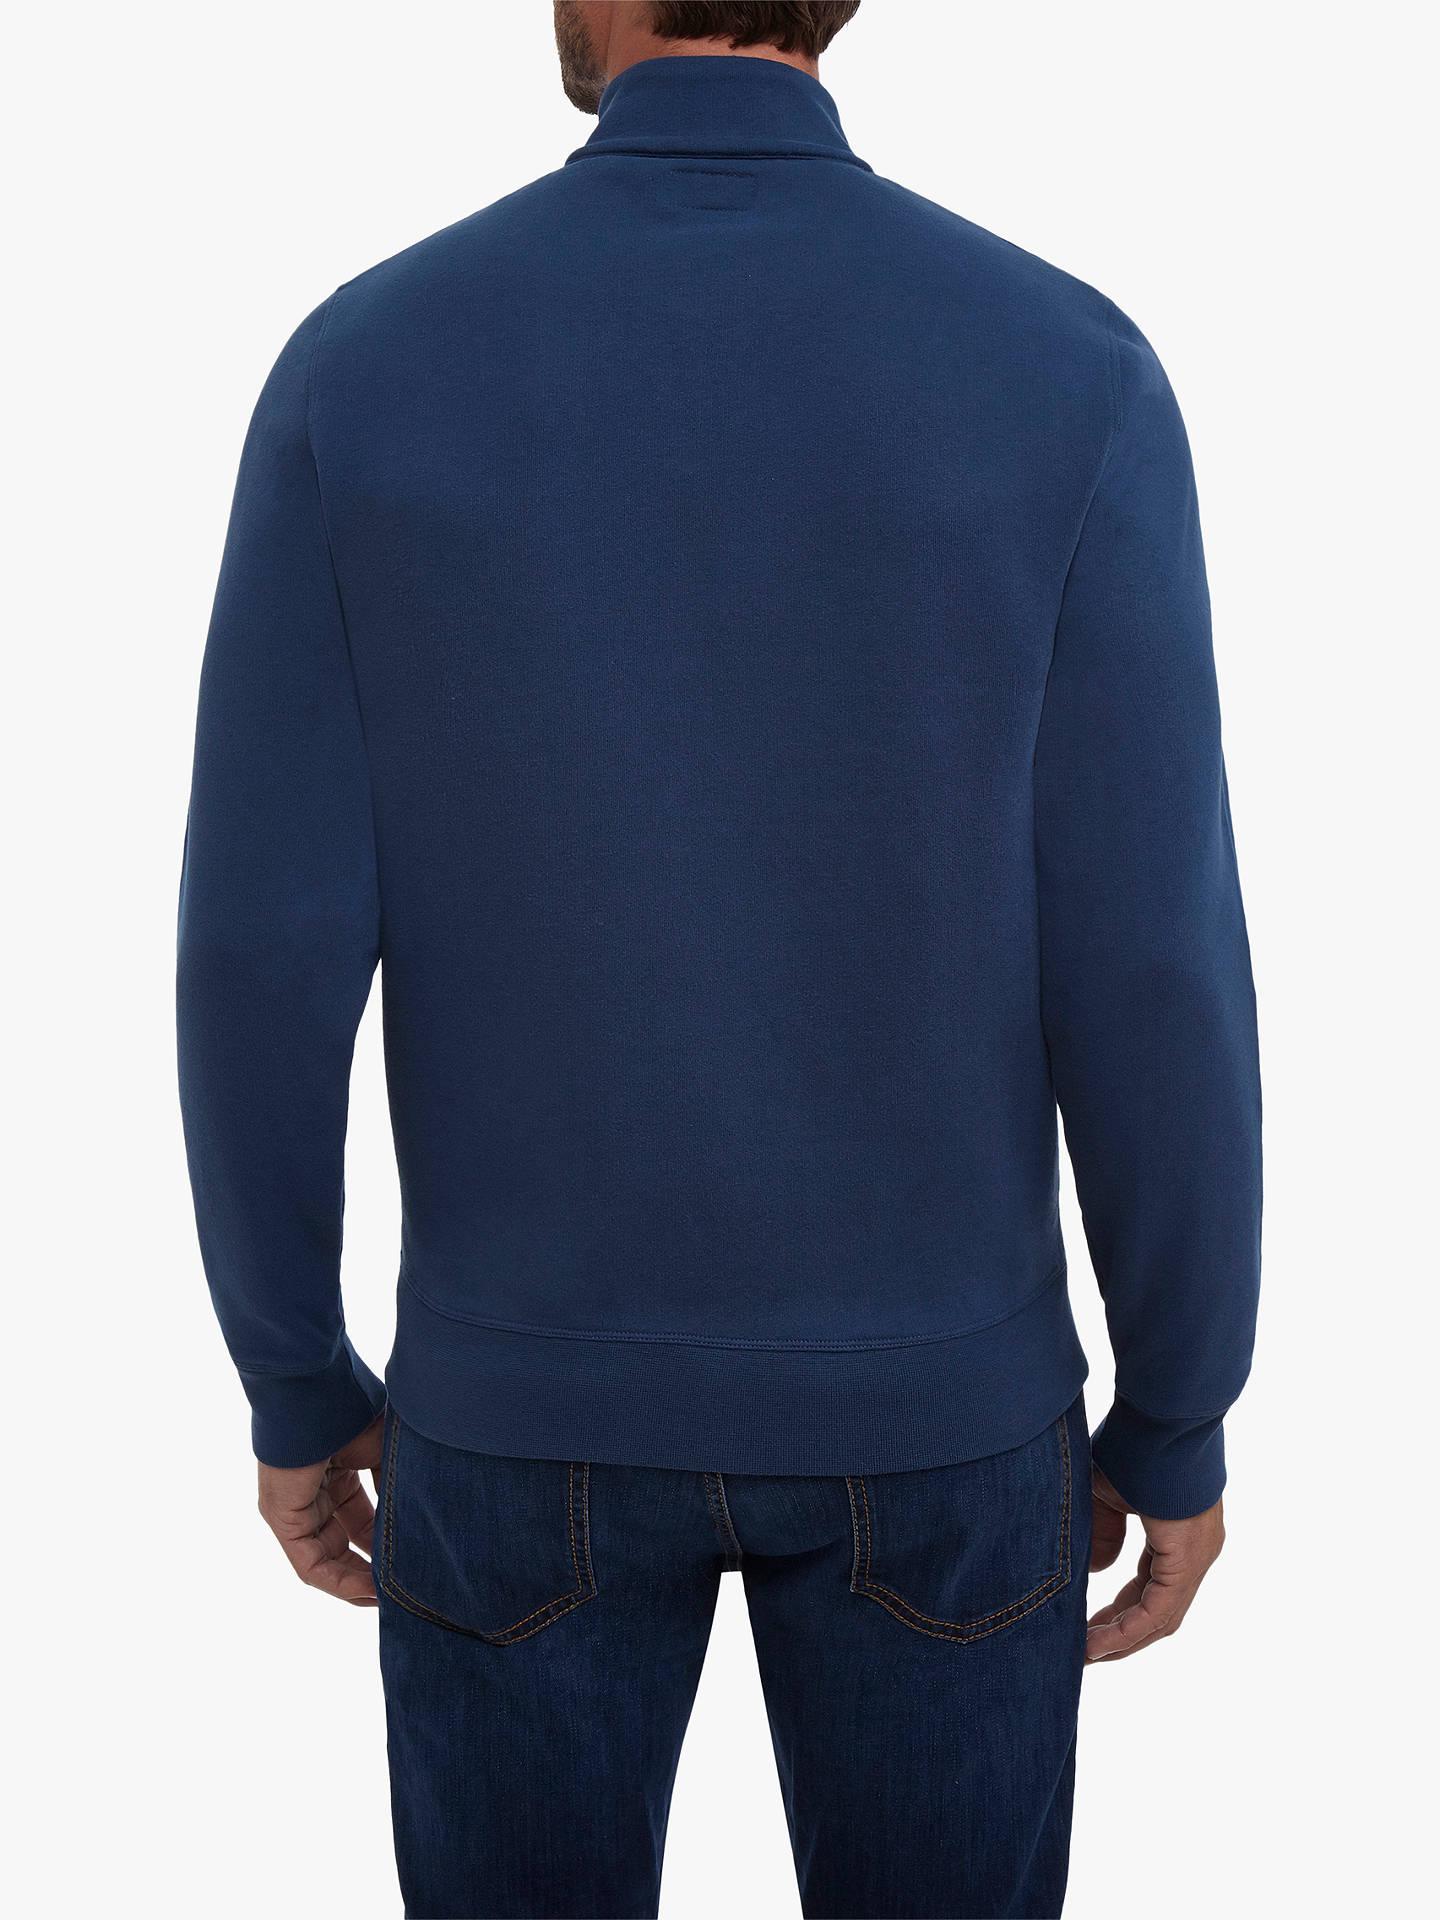 Hackett LONDON MR Classic Blue Full Zip Jumper